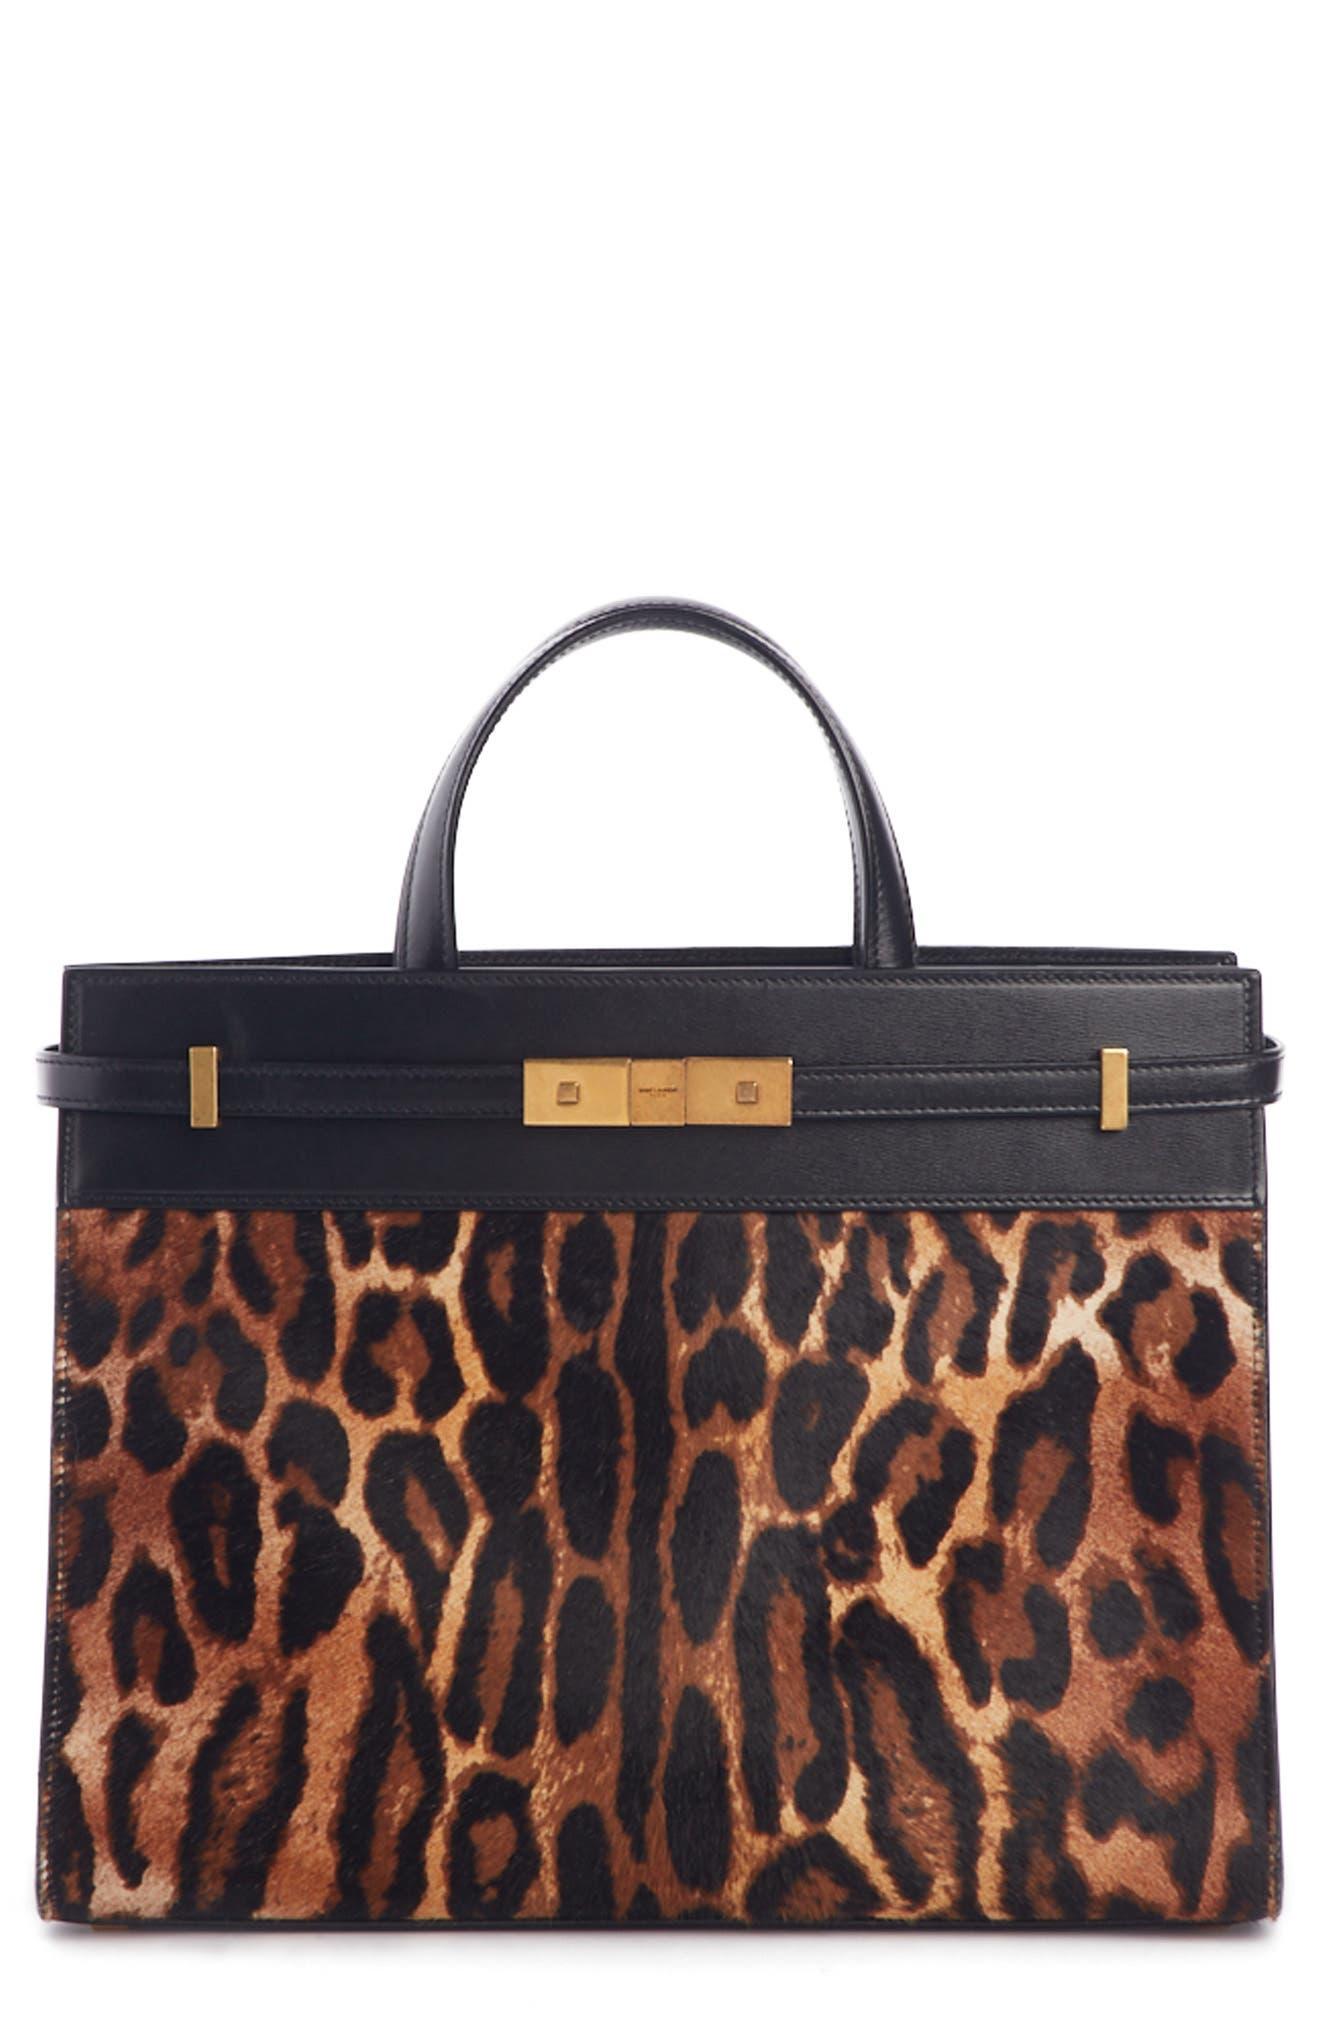 2d45862d0cc8 Calf Hair Handbags & Purses | Nordstrom